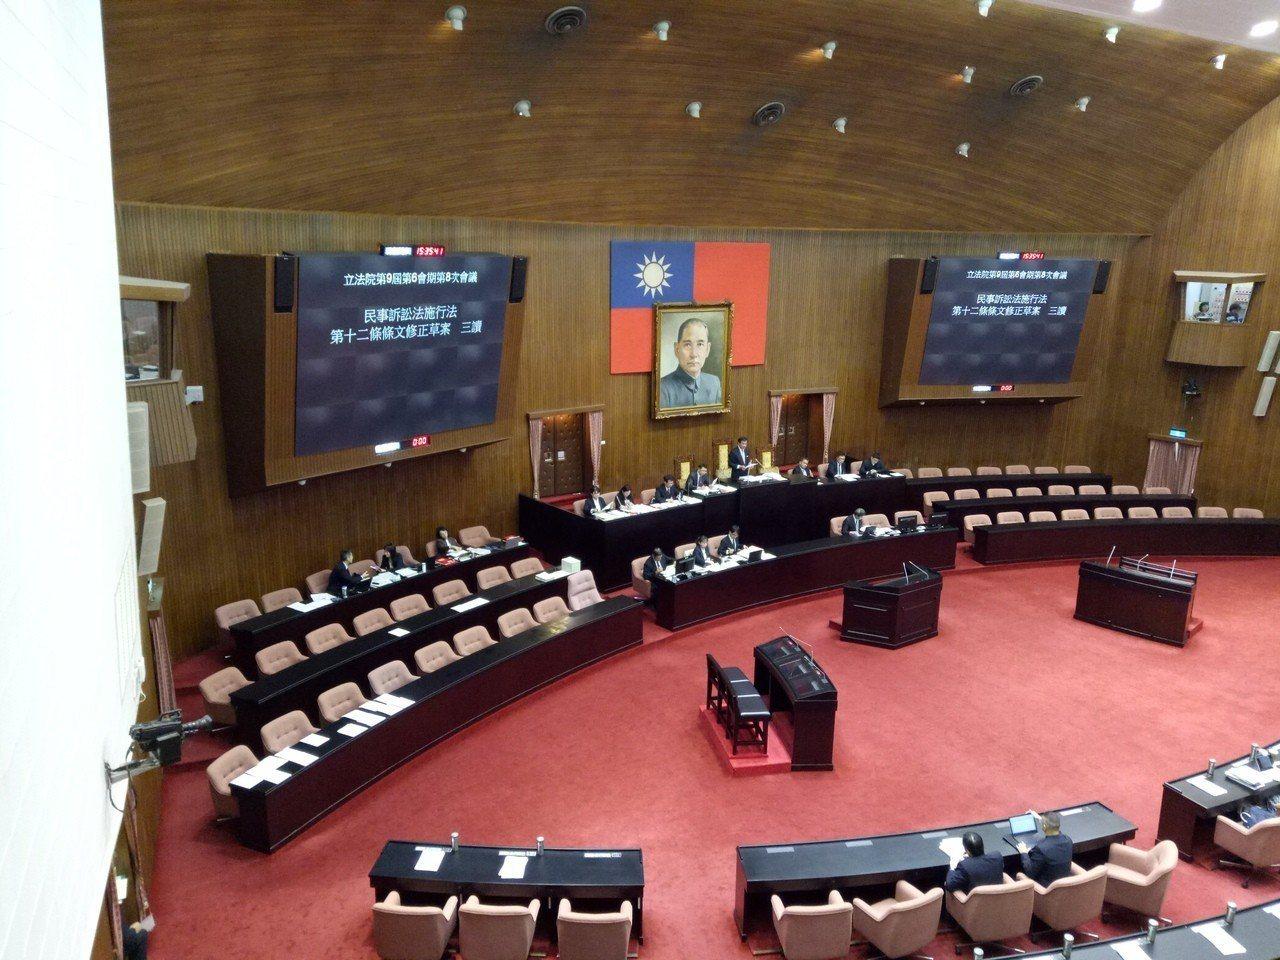 立法院9日下午進行院會,三讀通過「學位授予法」修正案等多項法案。記者林河名/攝影